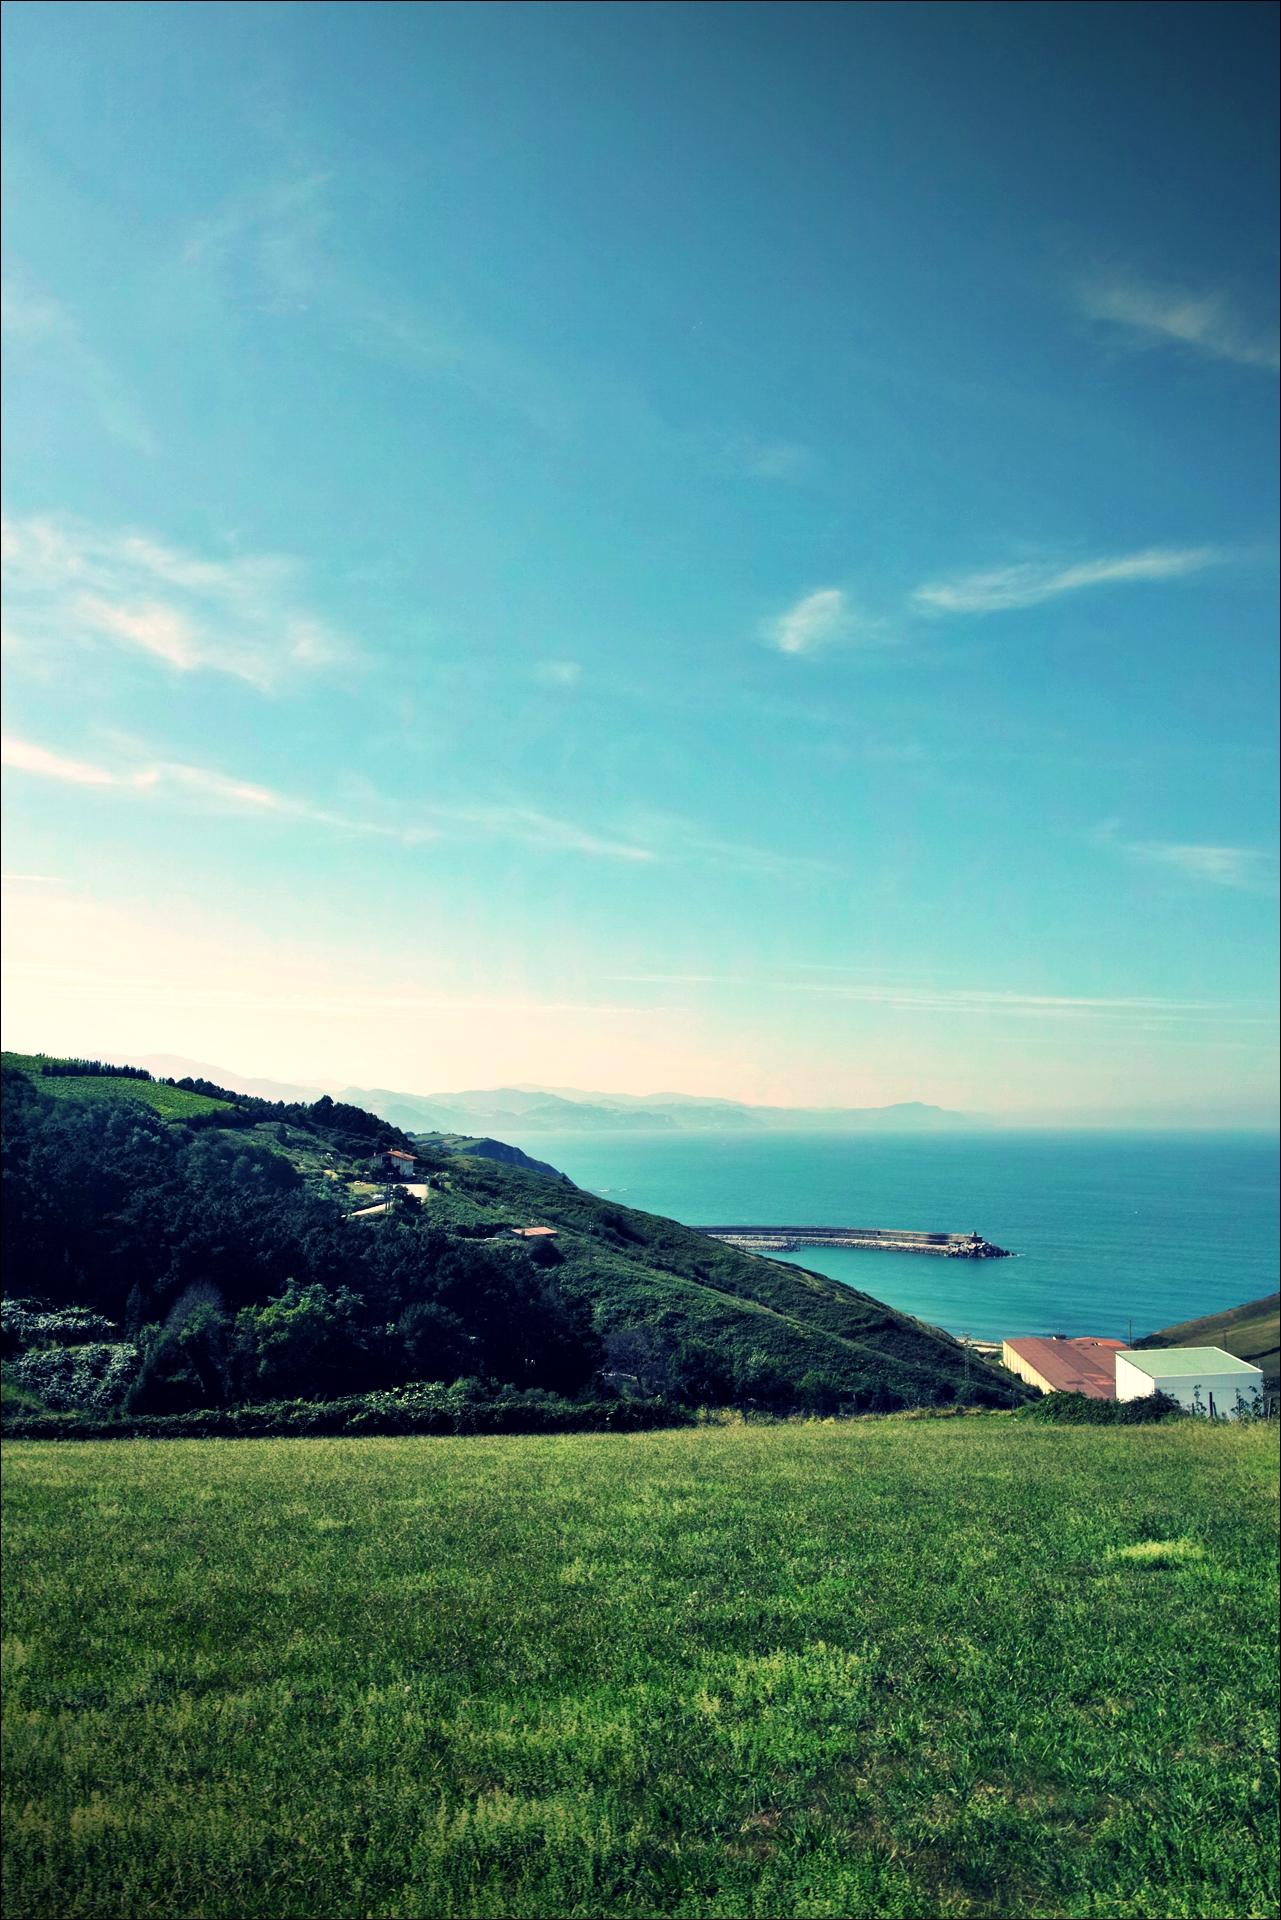 언덕, 바다-'카미노 데 산티아고 북쪽길. 사라우츠에서 쑤마이아. 빌바오.'